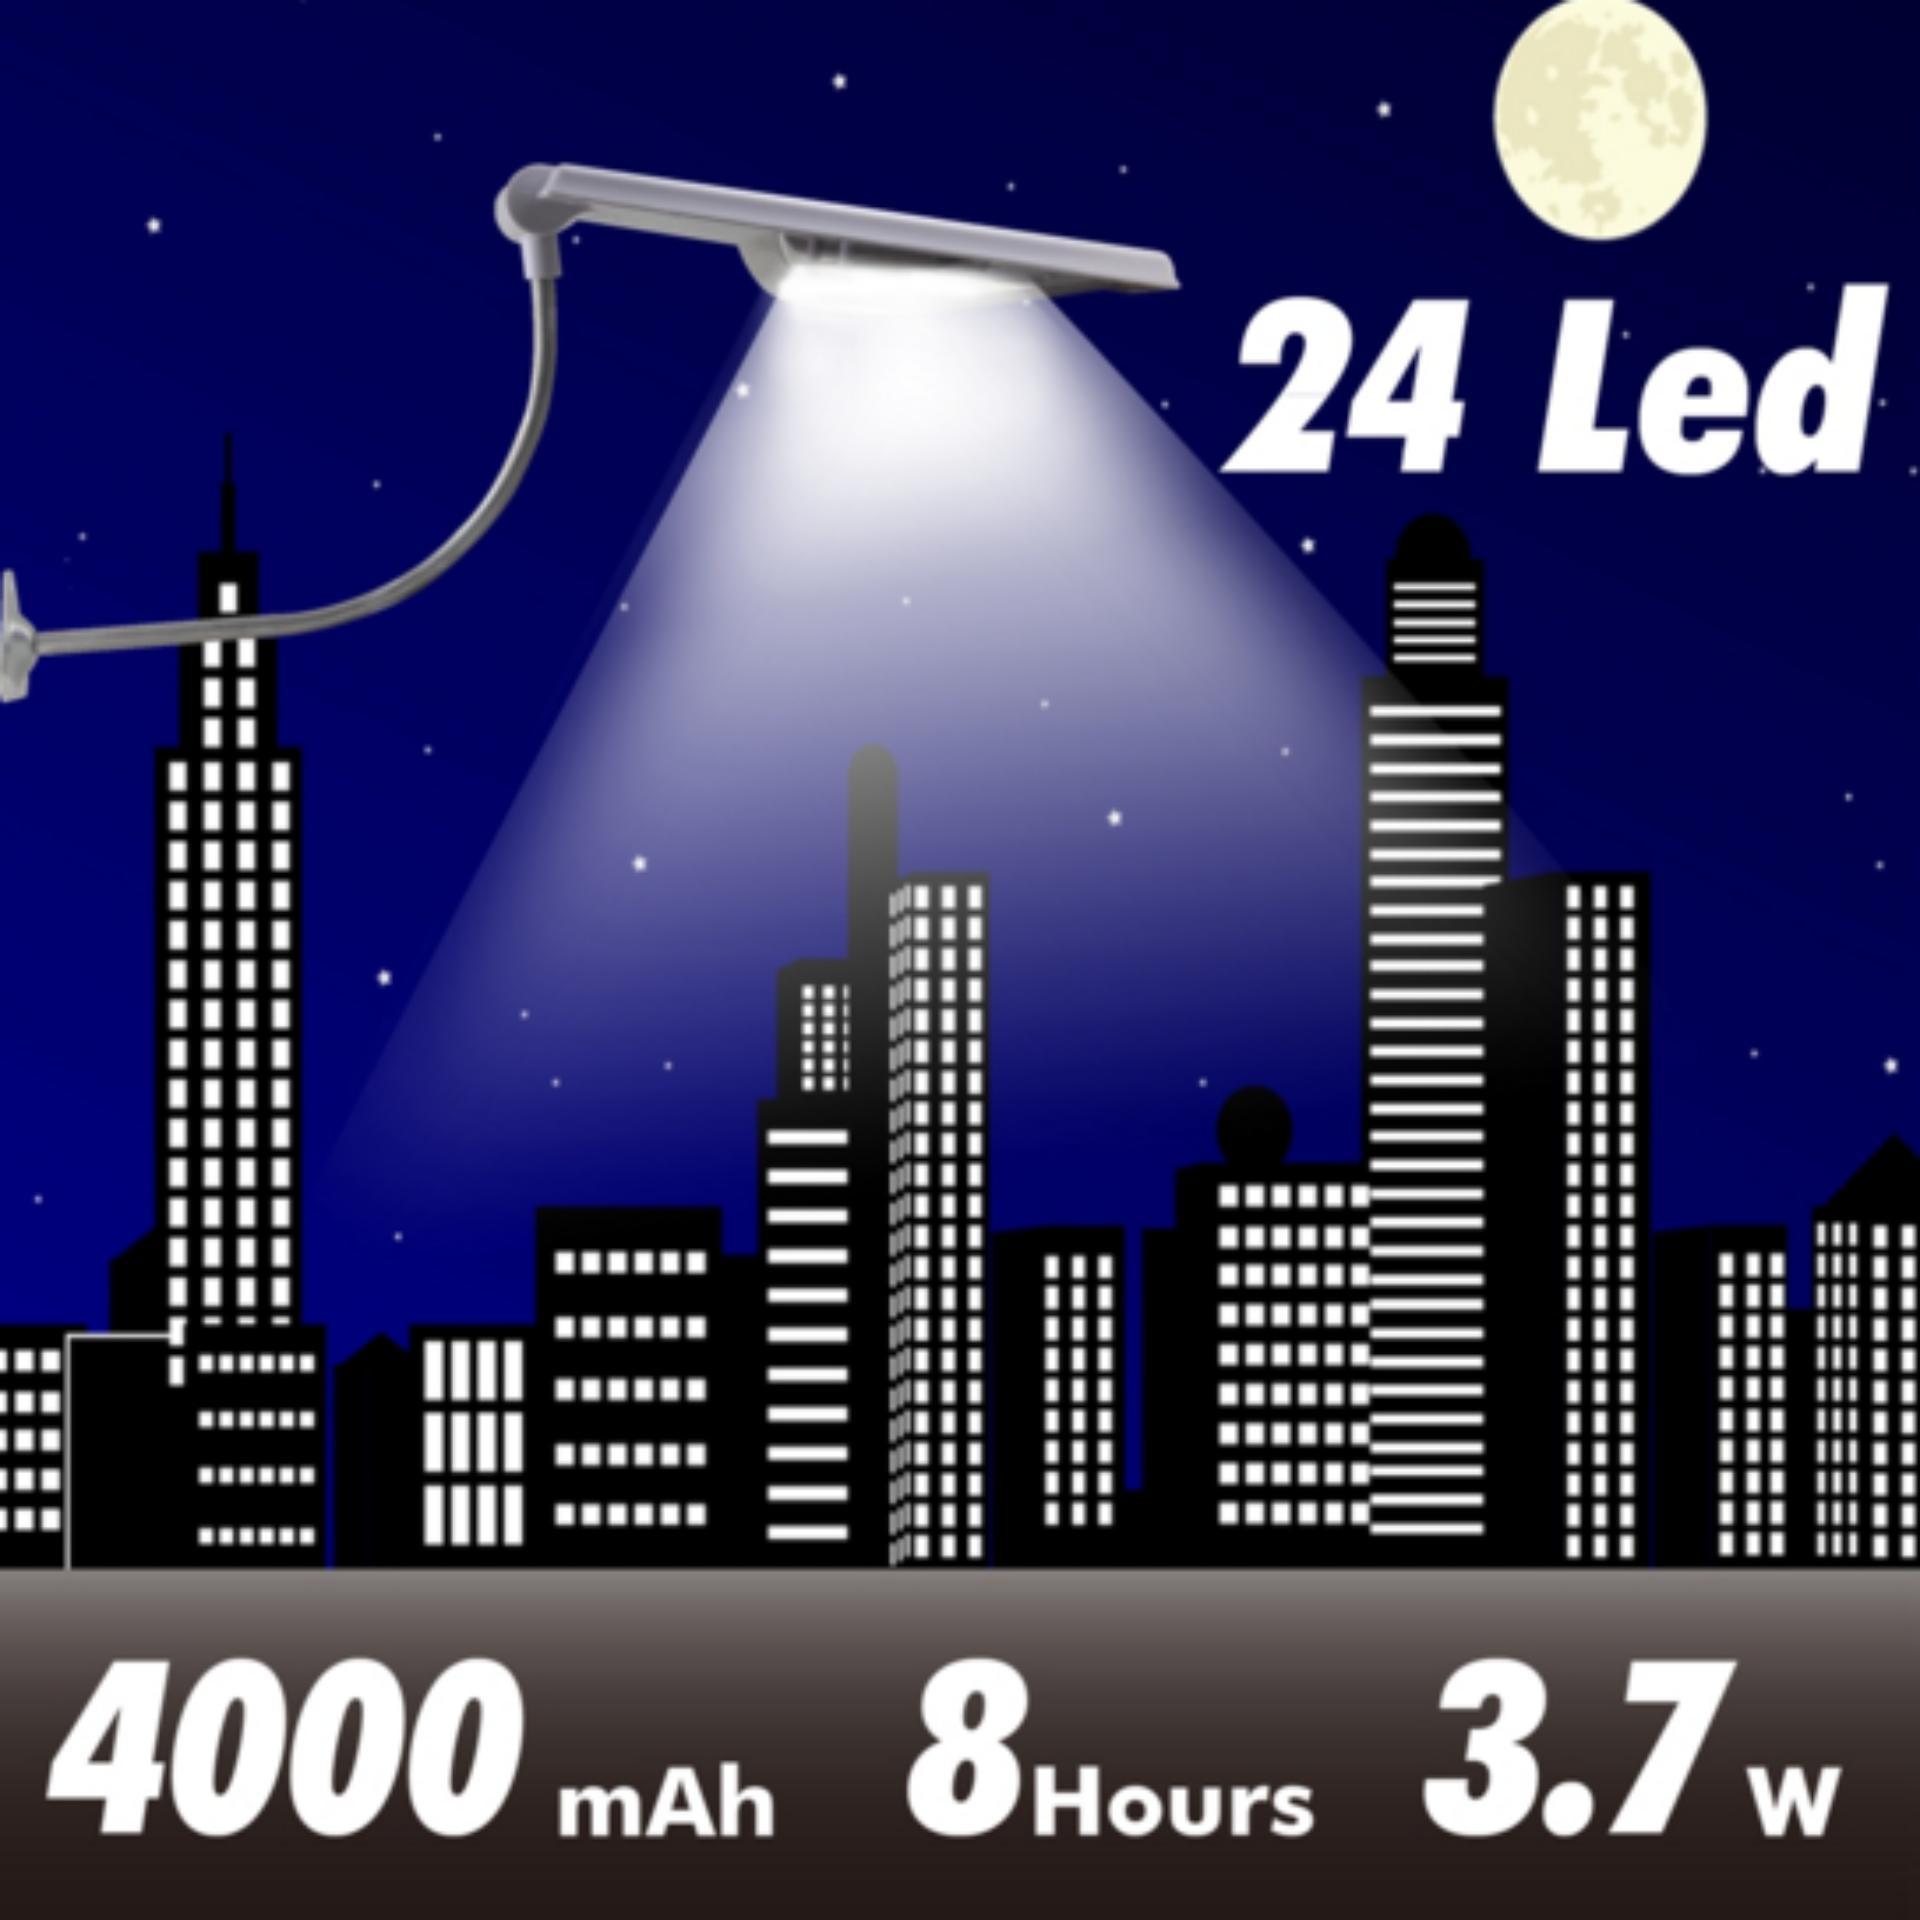 Review Lampu Tenaga Surya Penerangan Jalan Umum Pju 24 Led 400Lm Solar Panel